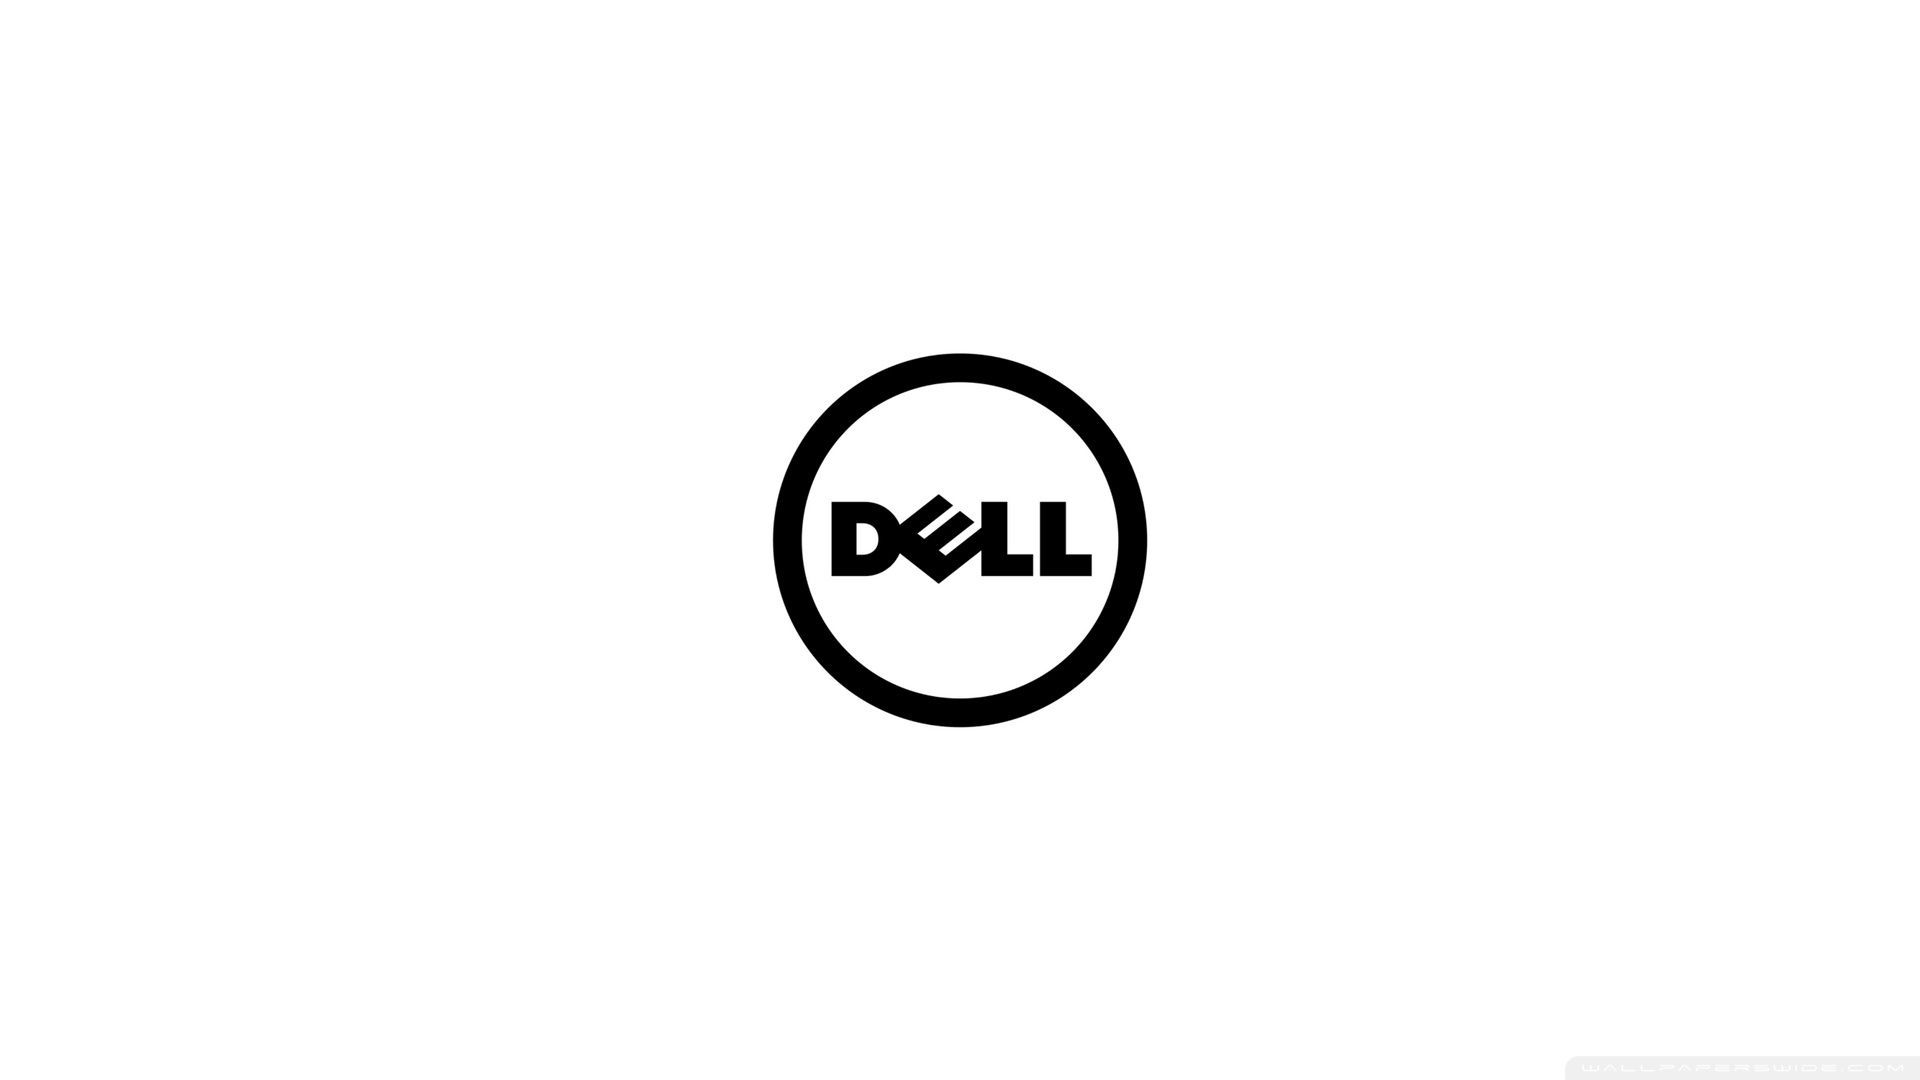 Dell wallpaper pc